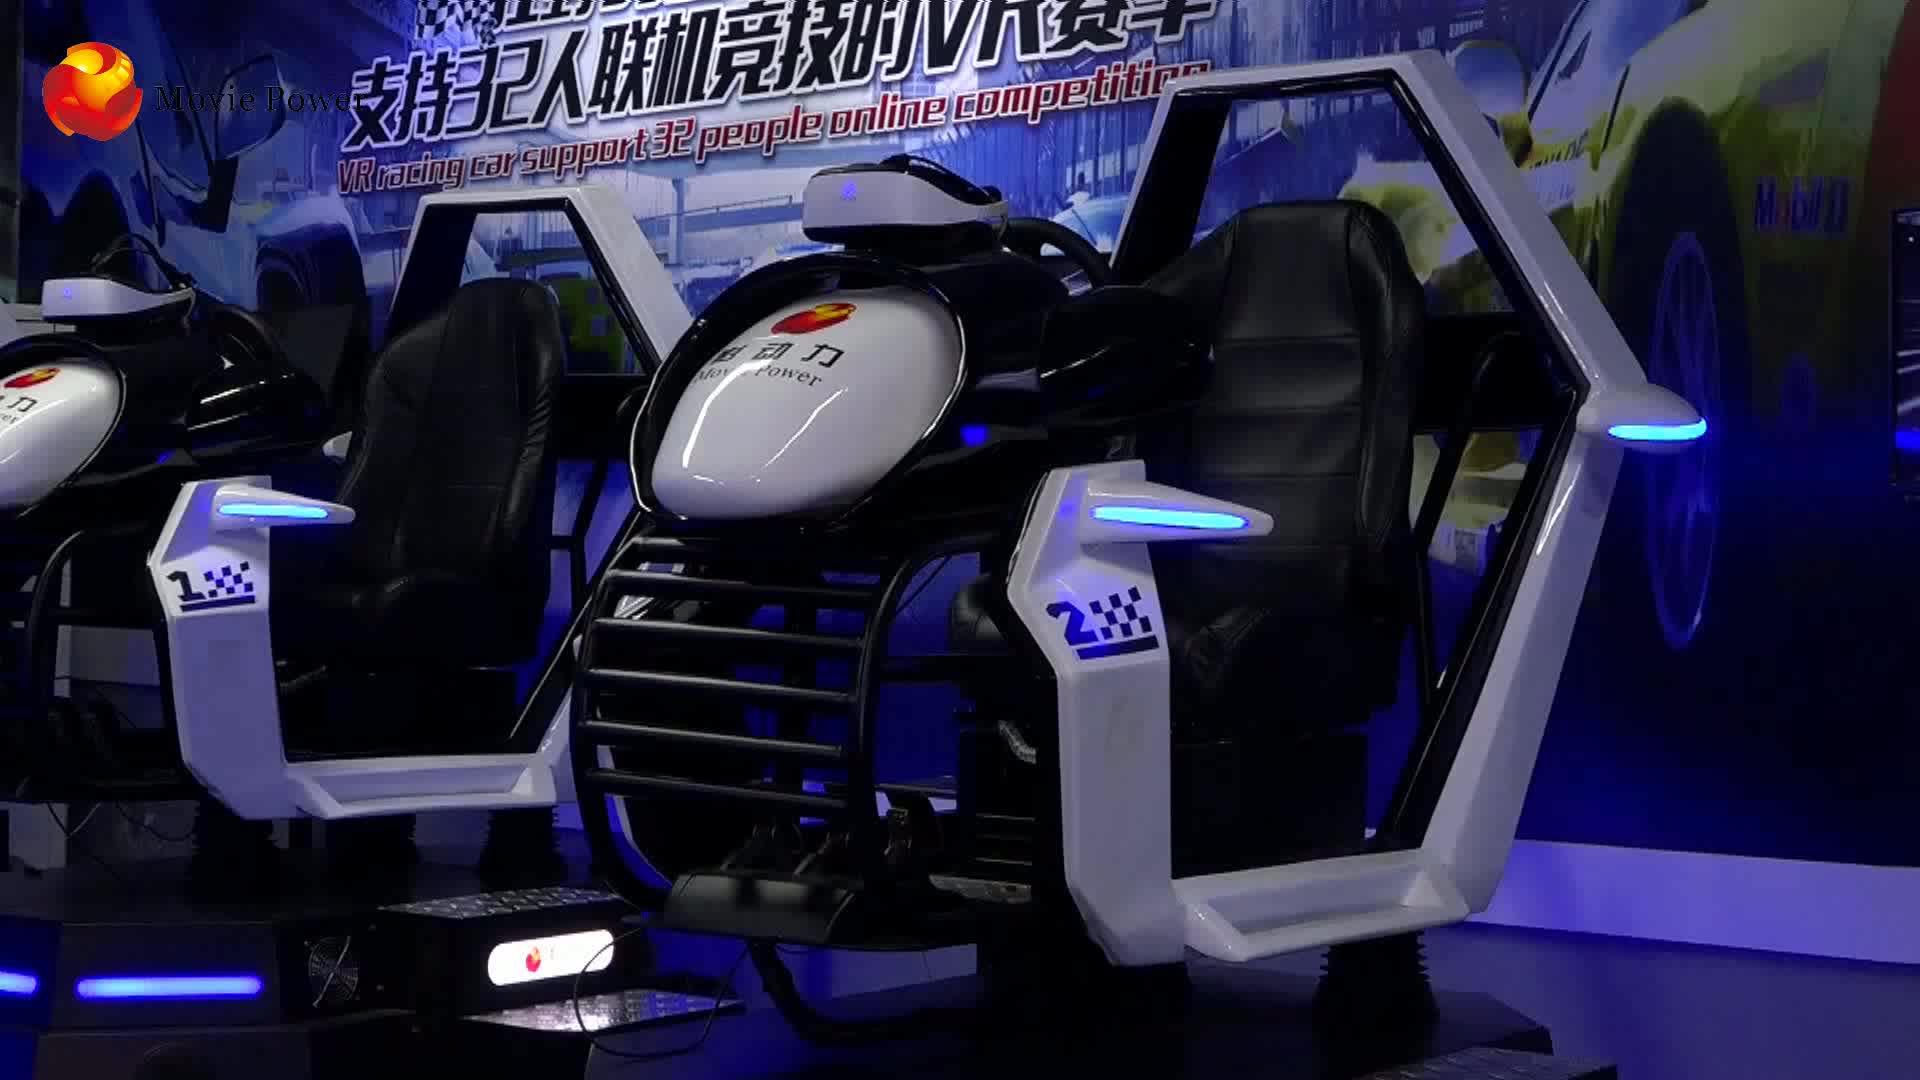 Vui Chơi Giải Trí Công Viên Mô Phỏng Rides VR Racing Simulator Arcade Xe Lái Xe Thực Tế Ảo Chuyển Động Mô Phỏng Xe Lái Xe Mô Phỏng